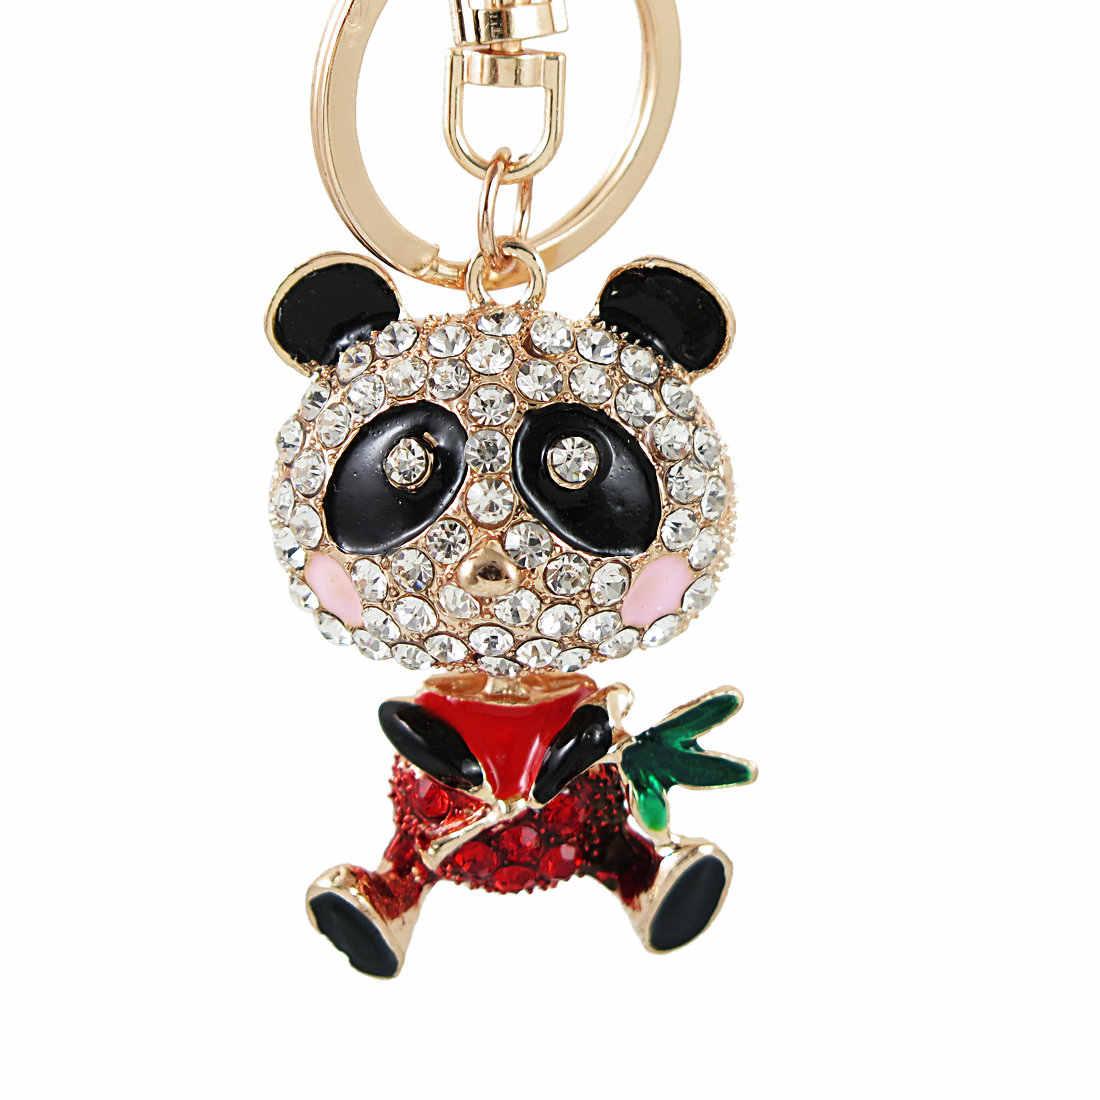 Hig Qualty Bear Giant panda Crystal Sleutelhanger Houder Strass Sleutelhanger Auto Sleutelhanger Voor Houder Tas Verjaardag Vriend Gift